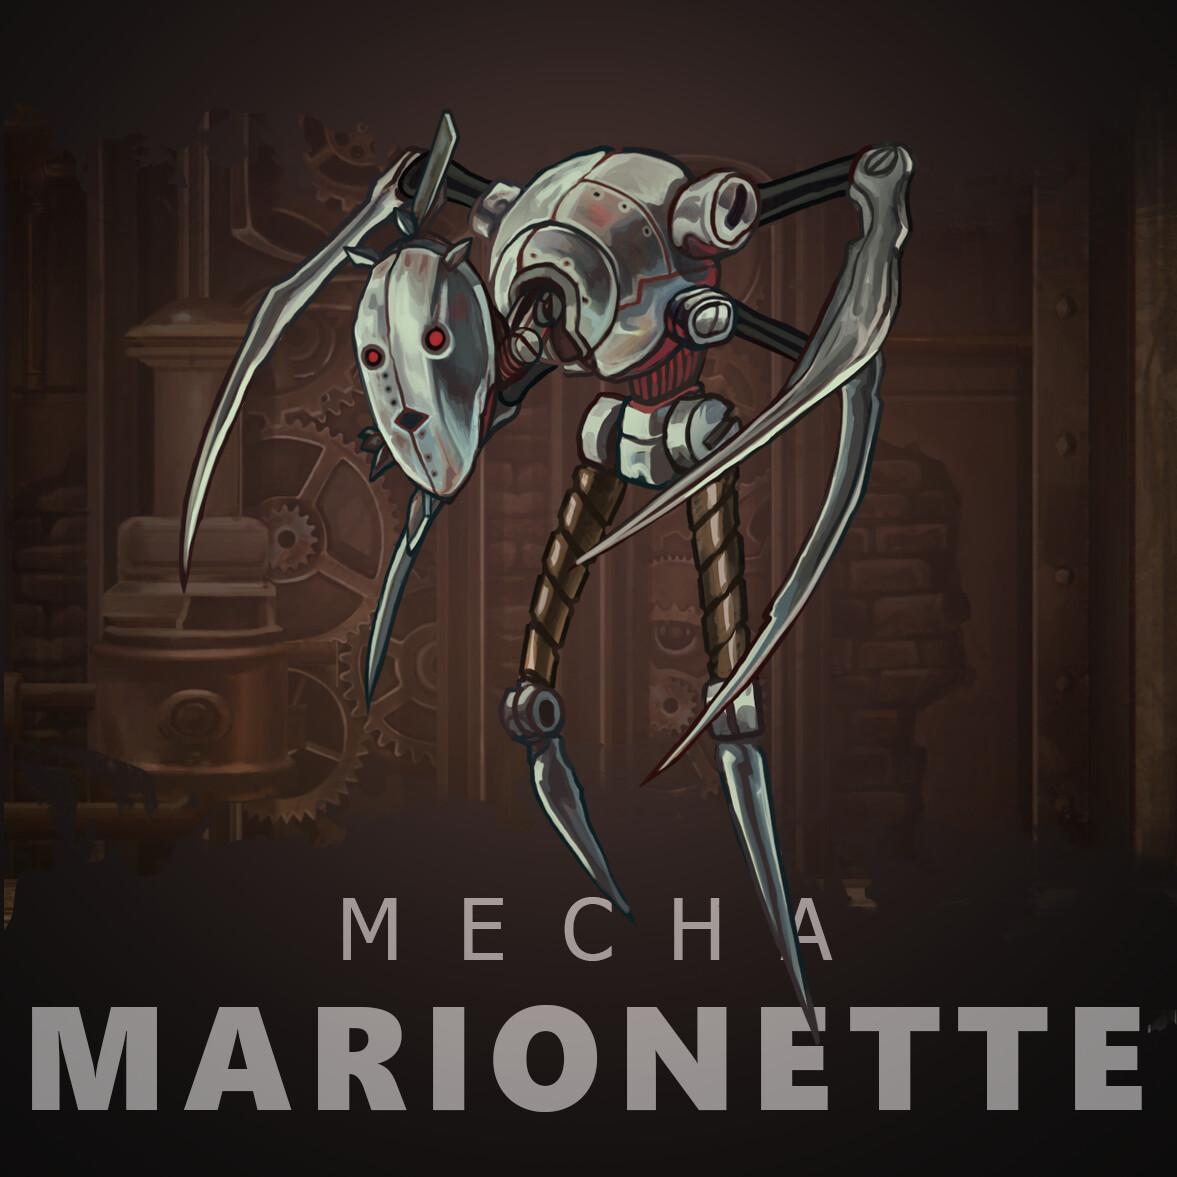 MECHA MARIONETTE